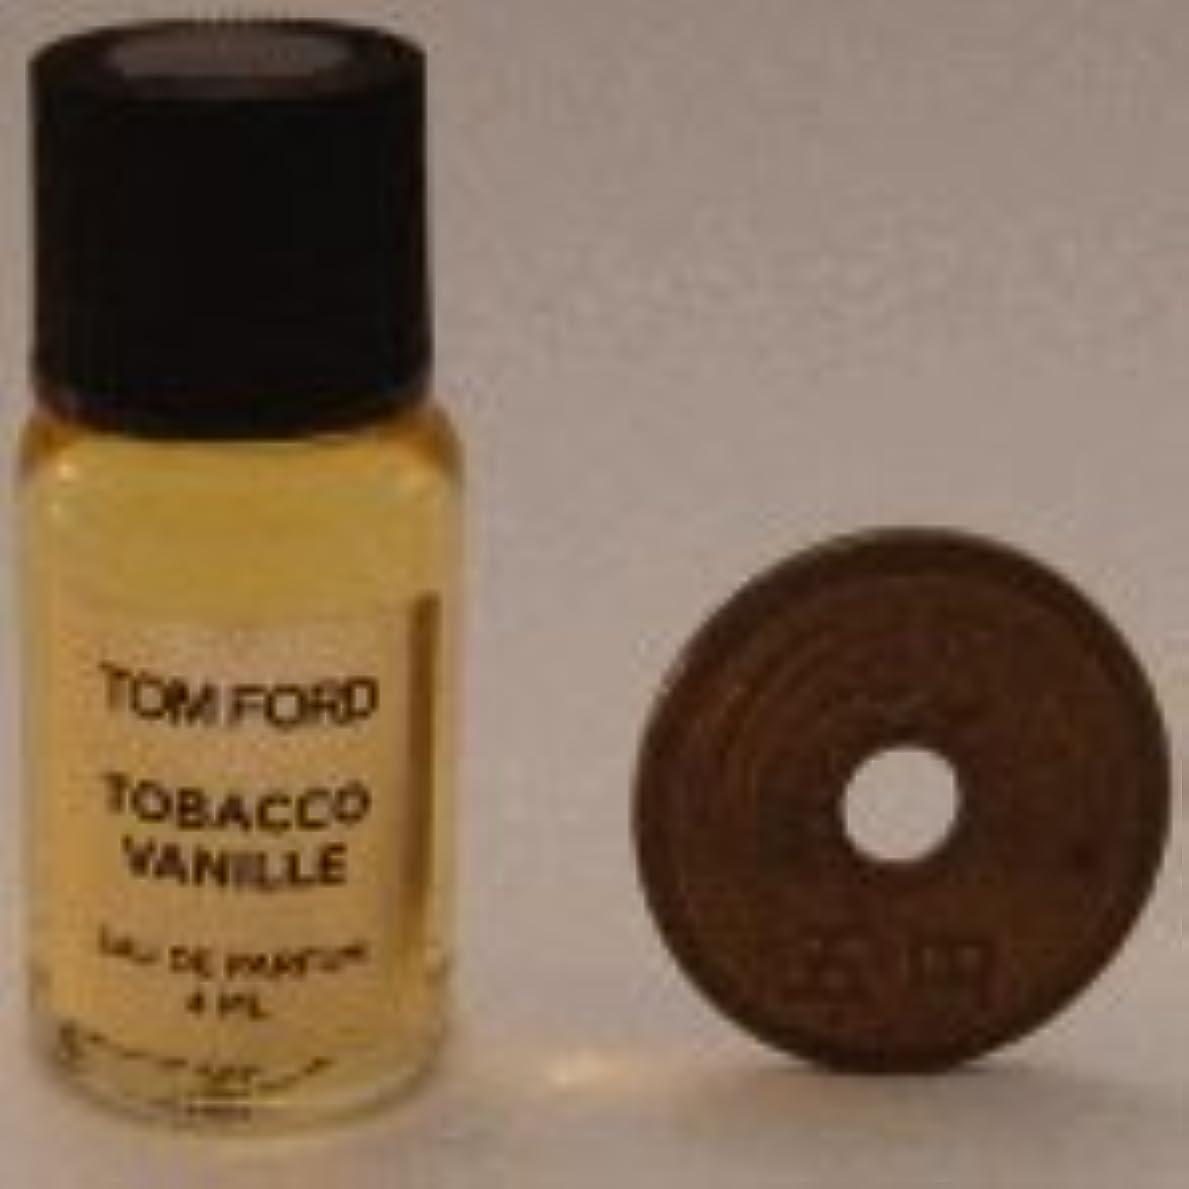 農夫ガイド知らせるTom Ford Private Blend 'Tobacco Vanille' (トムフォード プライベートブレンド タバコバニラ) 4ml EDP ミニボトル (手詰めサンプル)